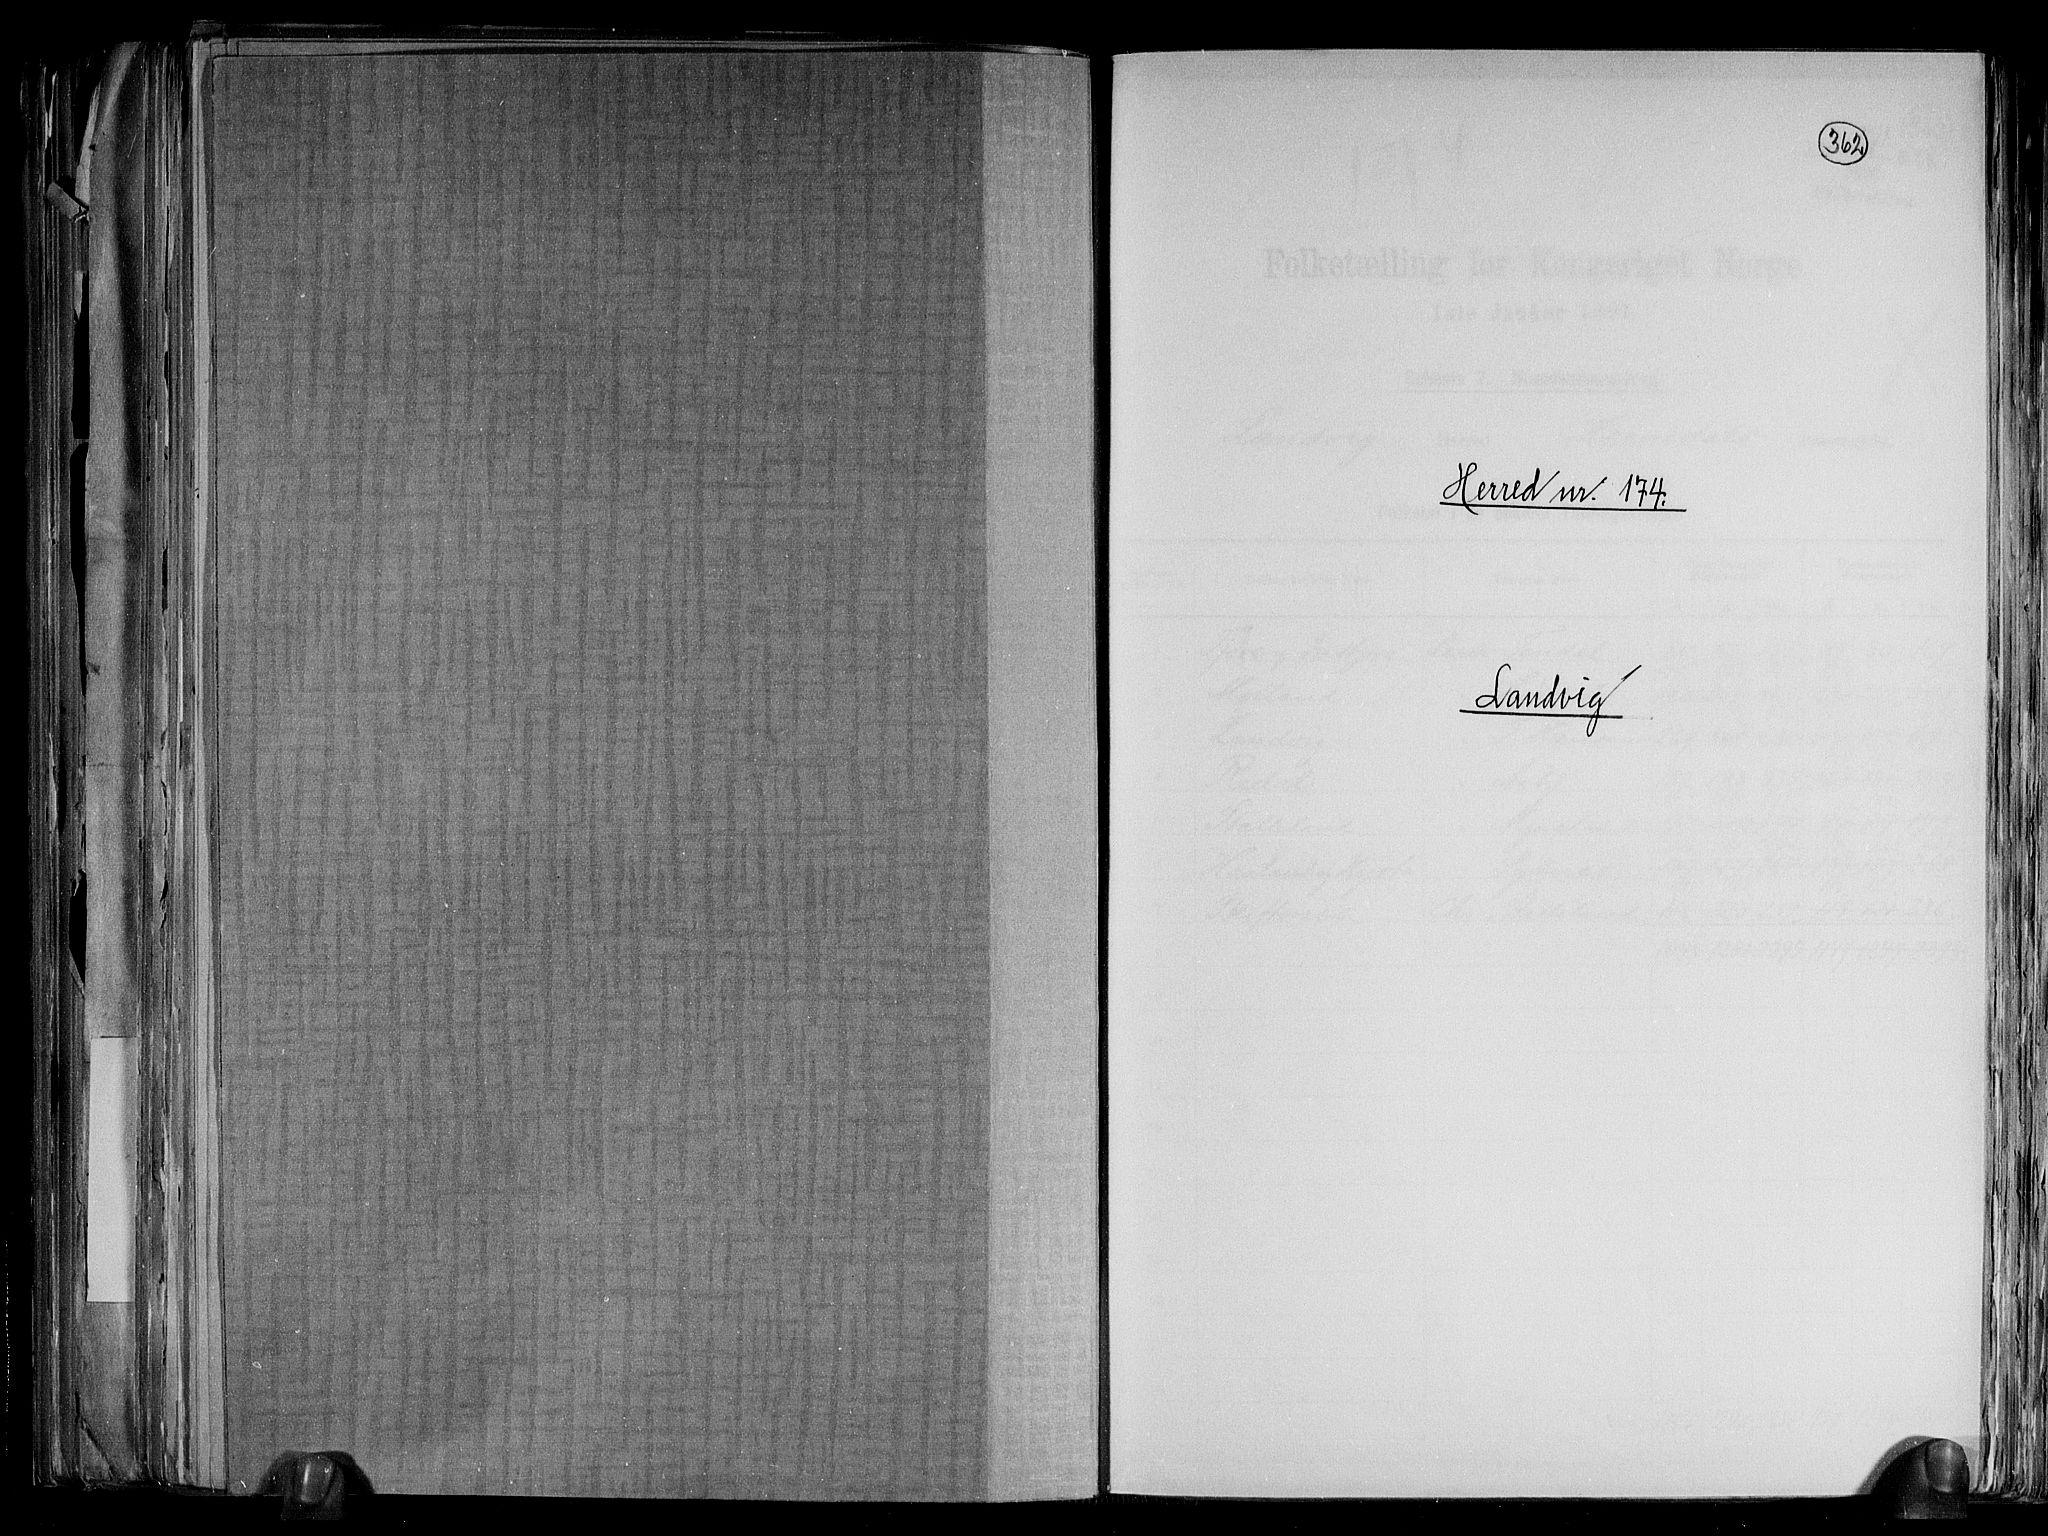 RA, Folketelling 1891 for 0924 Landvik herred, 1891, s. 1